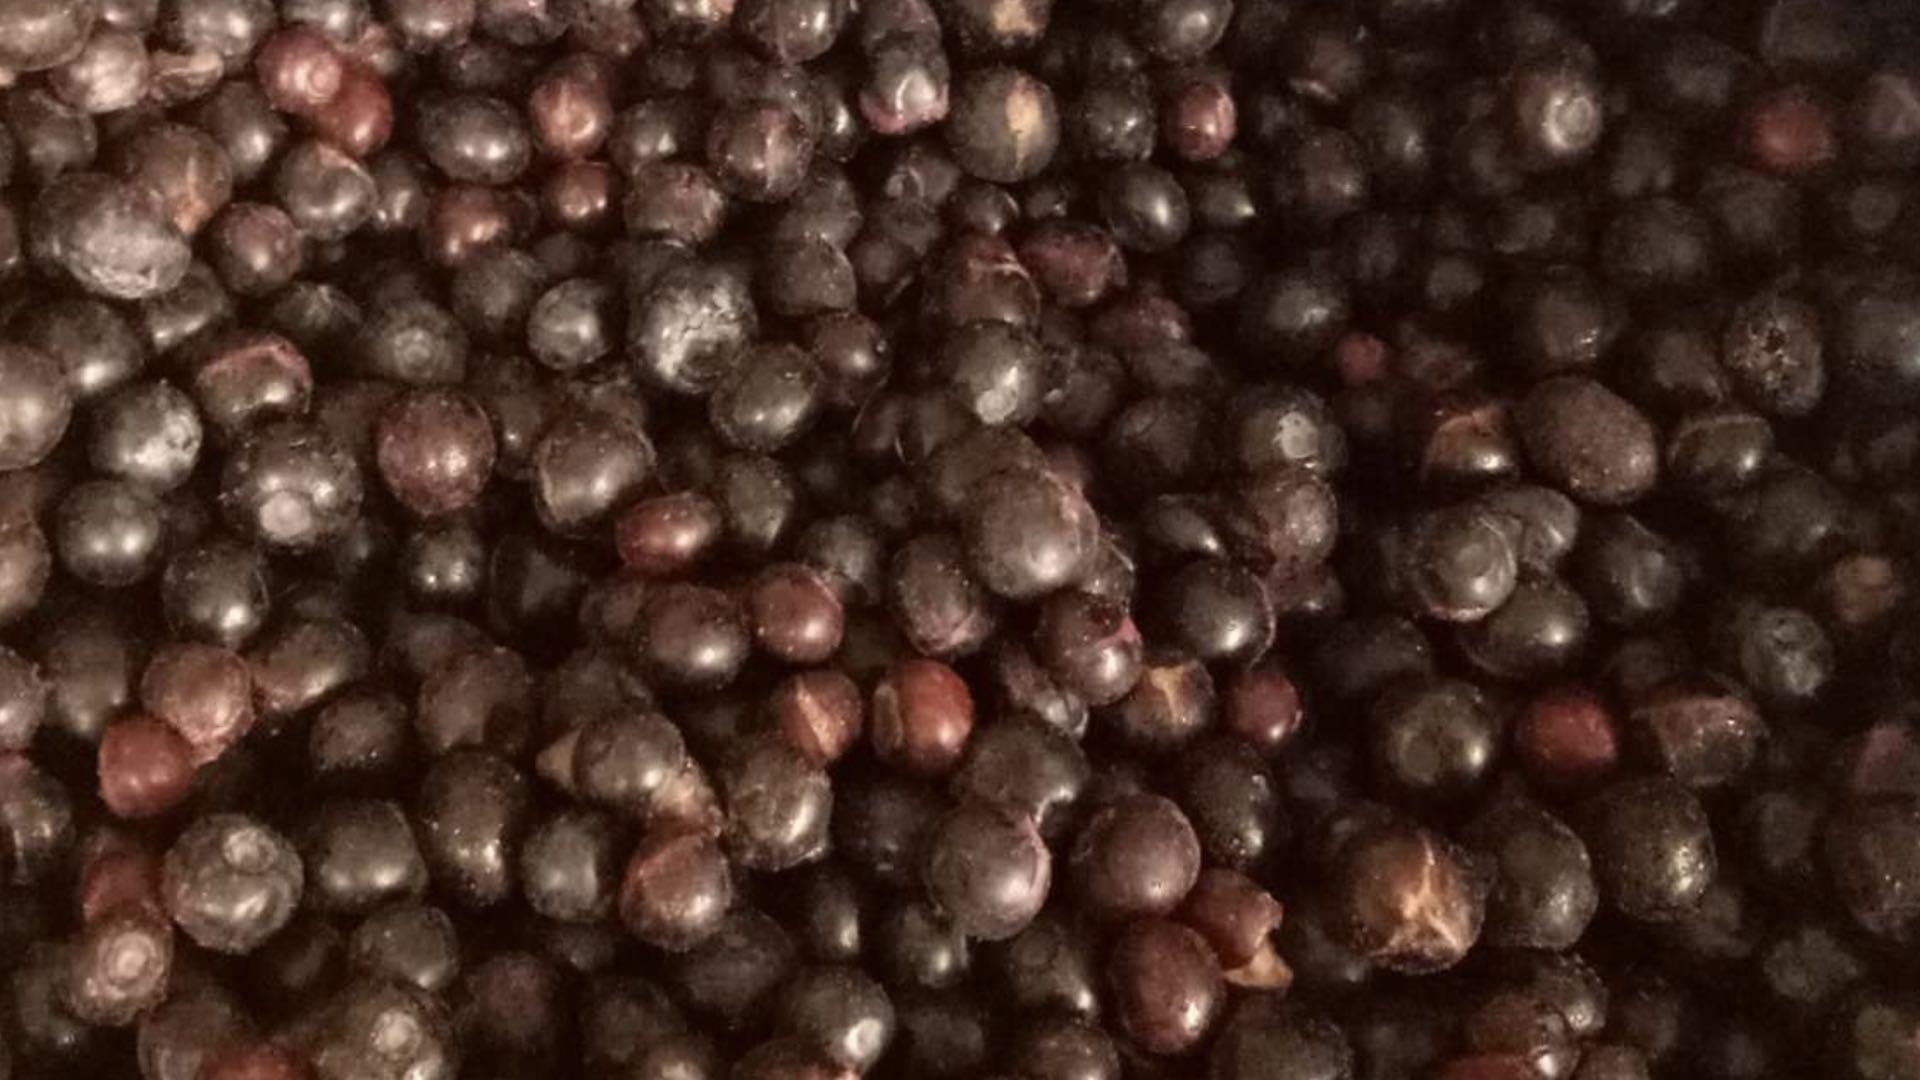 冷凍藍莓,速凍藍莓 12